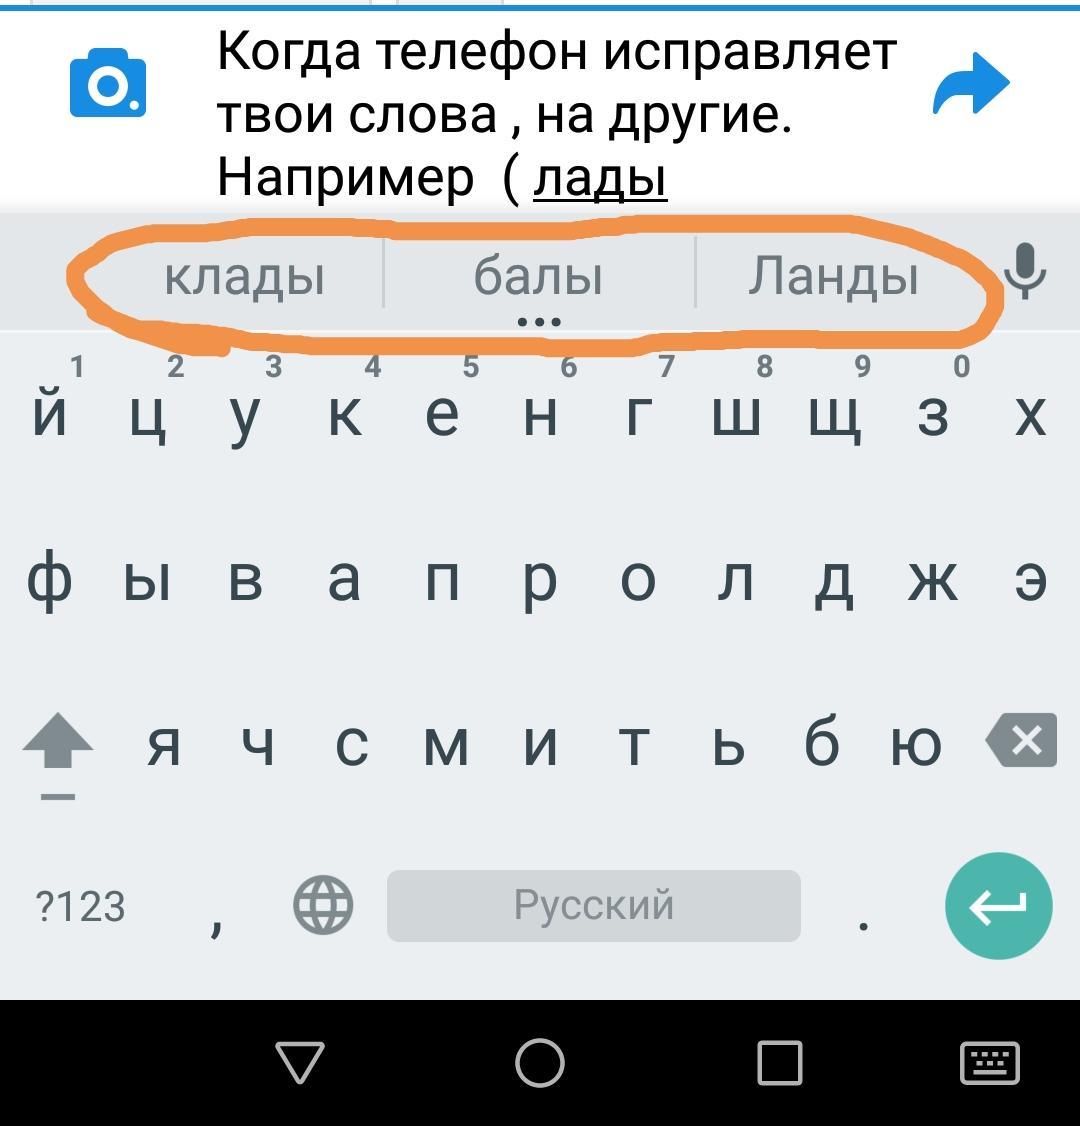 Т9 в телефоне